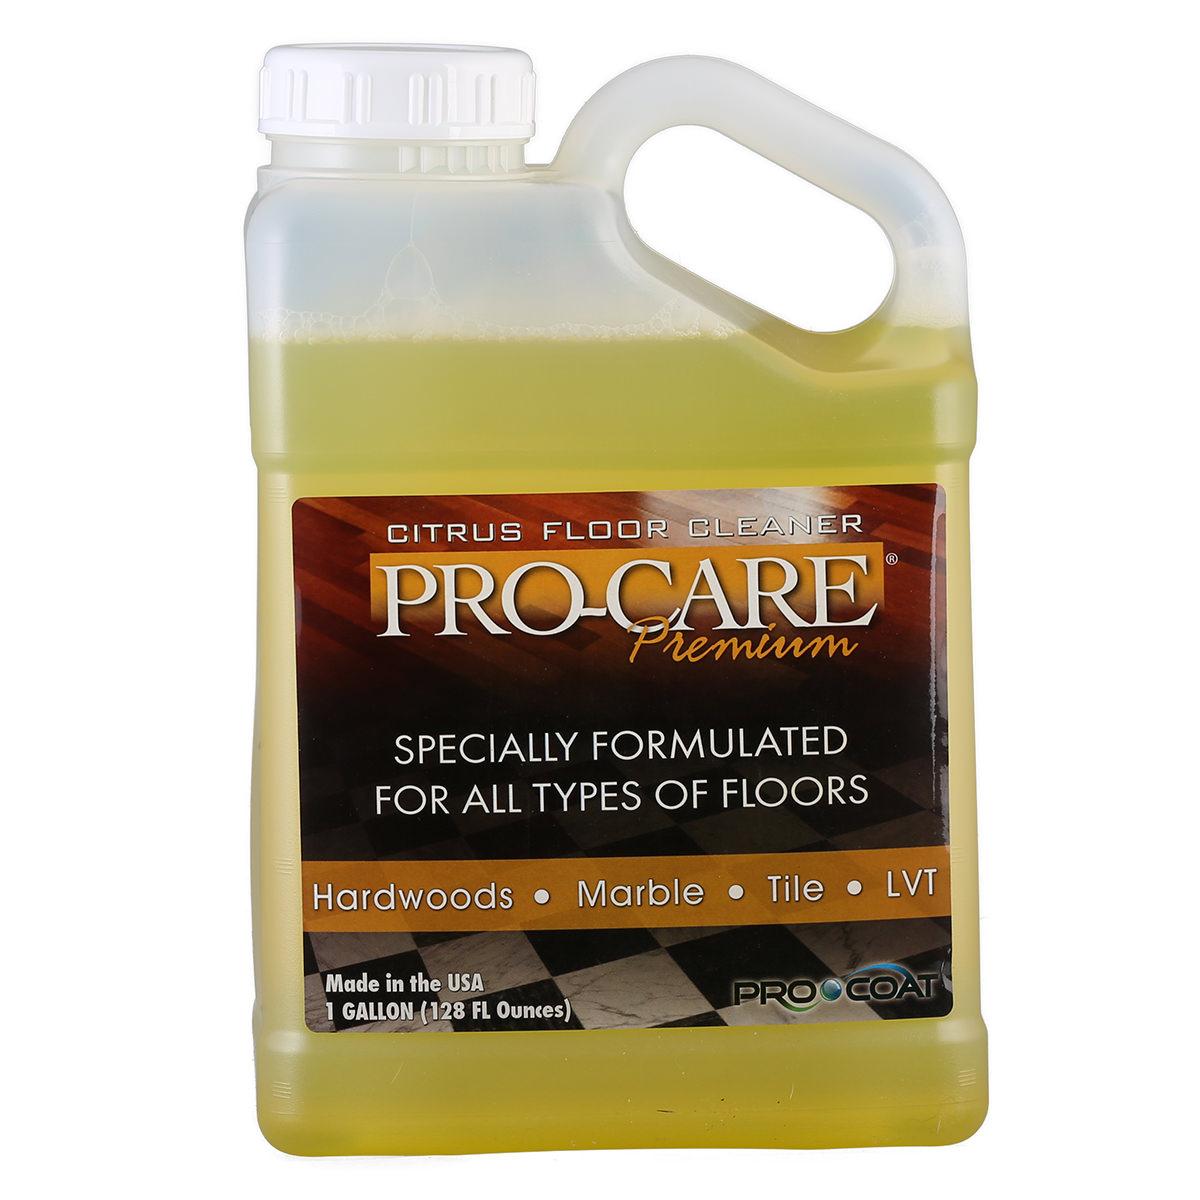 Pro Care Premium Citrus Floor Cleaner